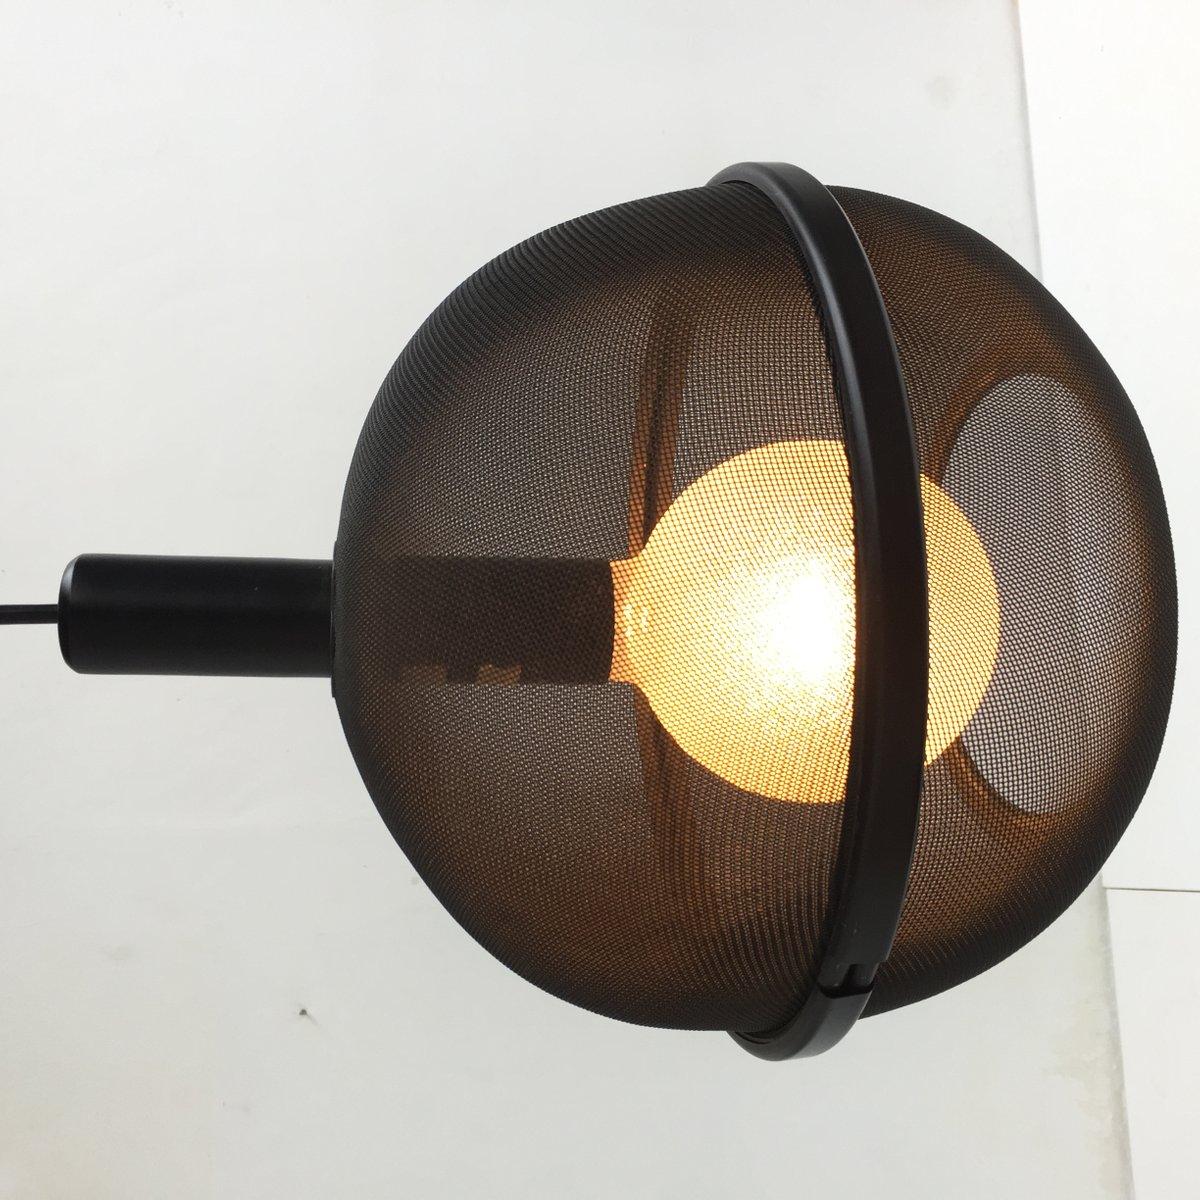 h ngelampe mit metallgitter schirm 1970er bei pamono kaufen. Black Bedroom Furniture Sets. Home Design Ideas